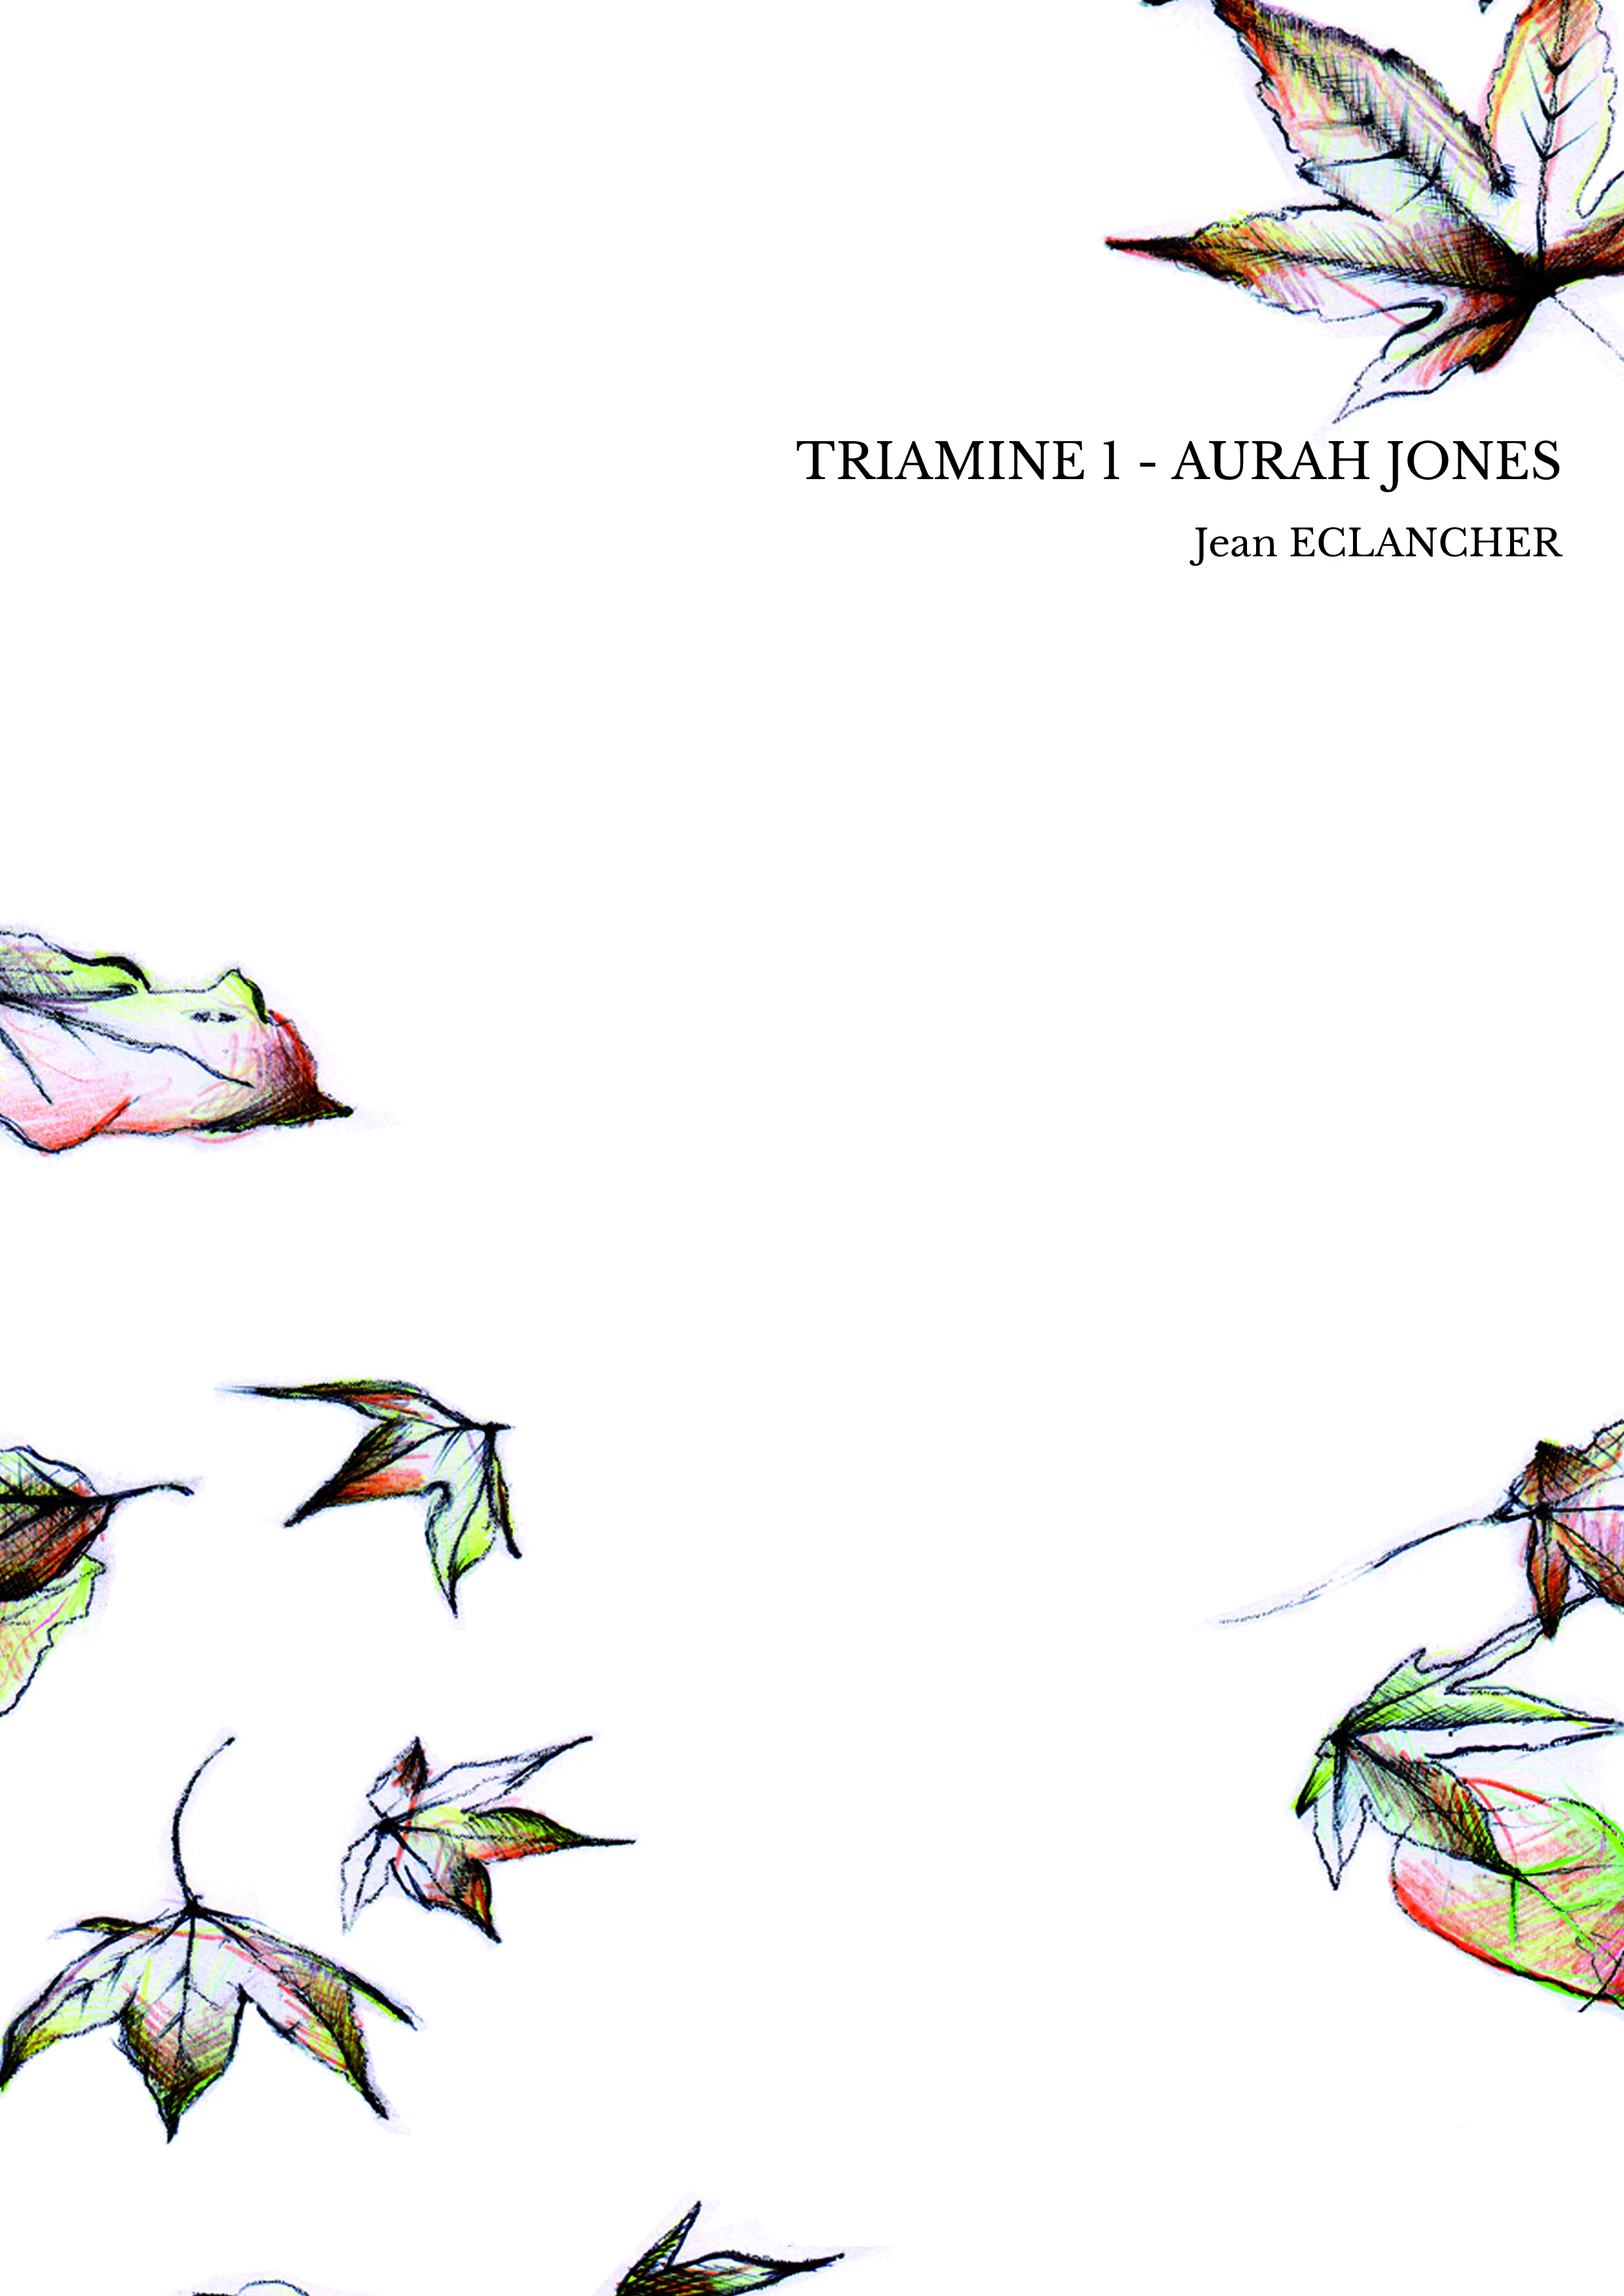 TRIAMINE 1 - AURAH JONES